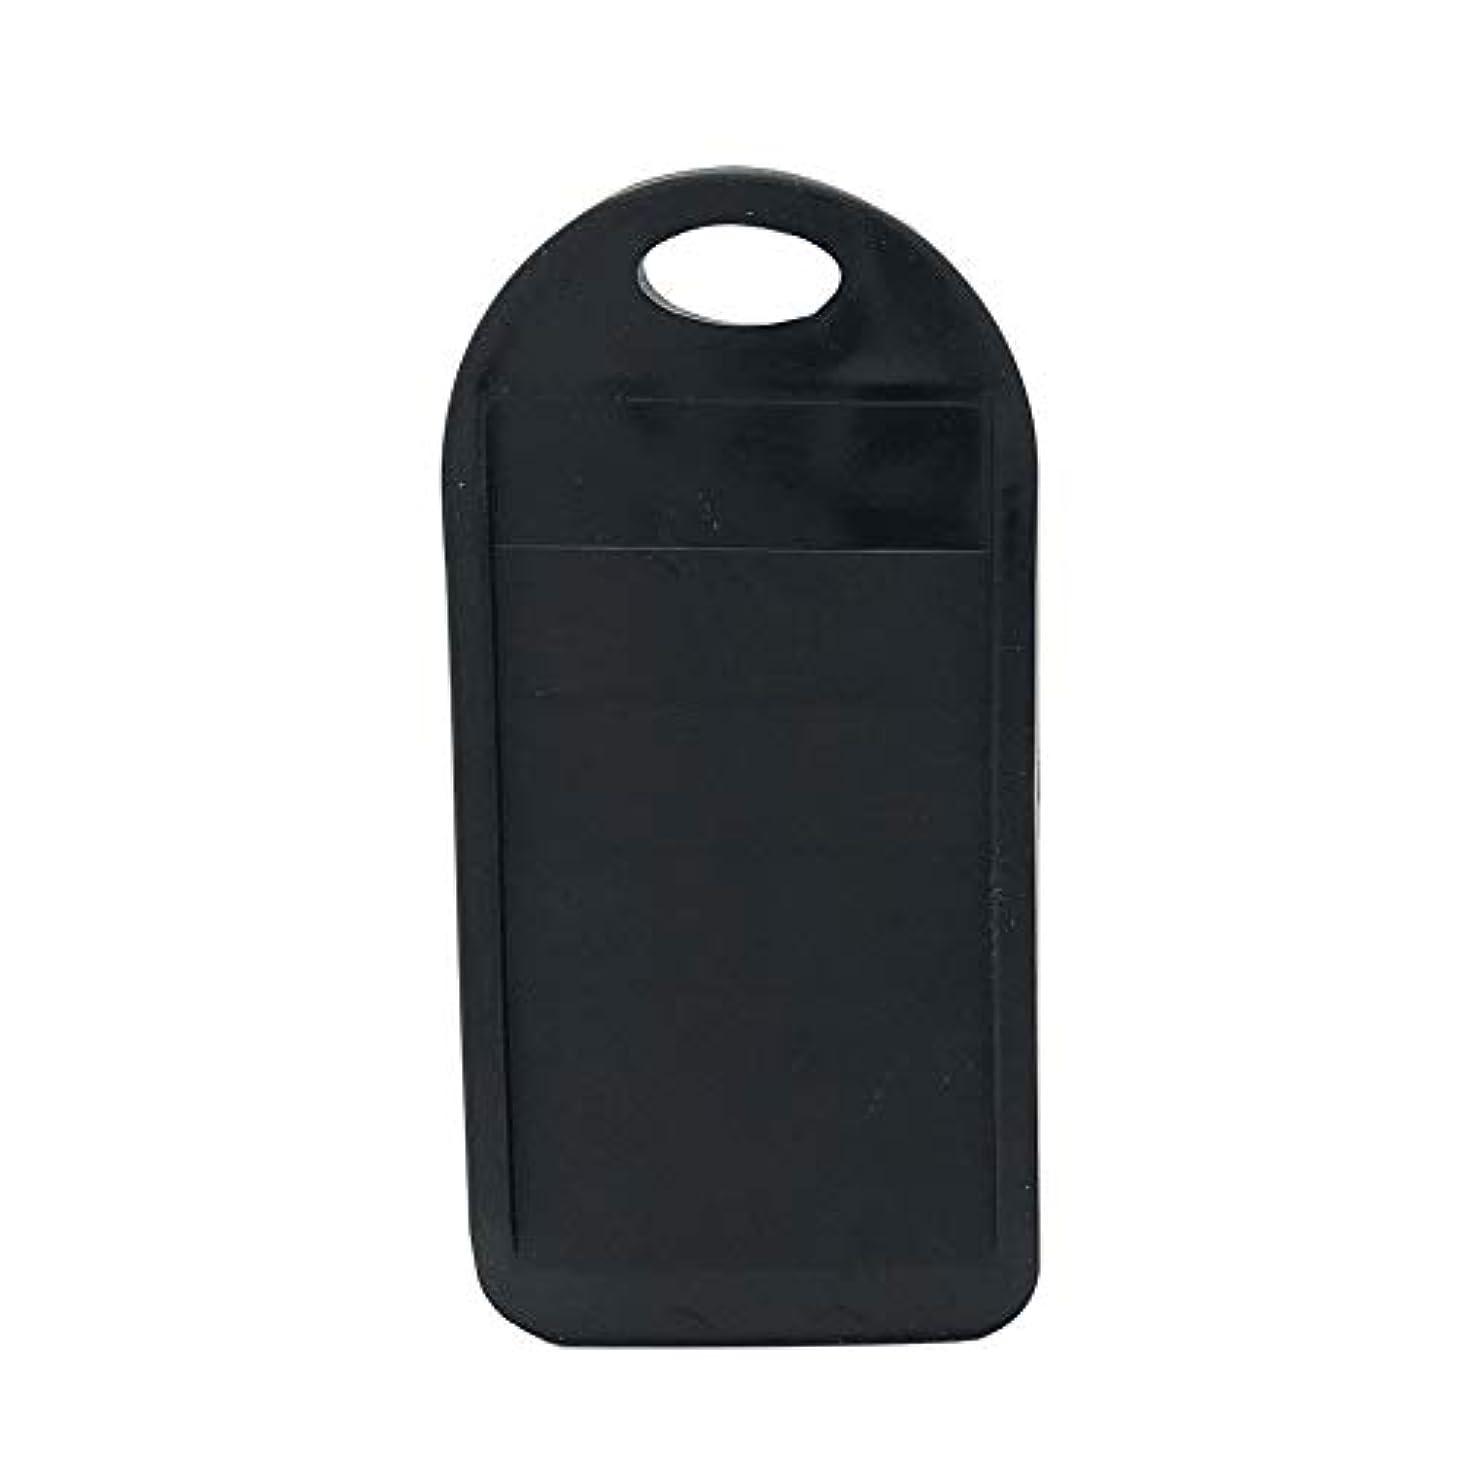 驚かすラベンダー変わるかみそりの刃の研ぎ器の男性の女性の実用的な安全付属品の携帯用使いやすい普遍的な家の速い洗剤の耐久の手動粉砕のカッターの便利さ(黒)